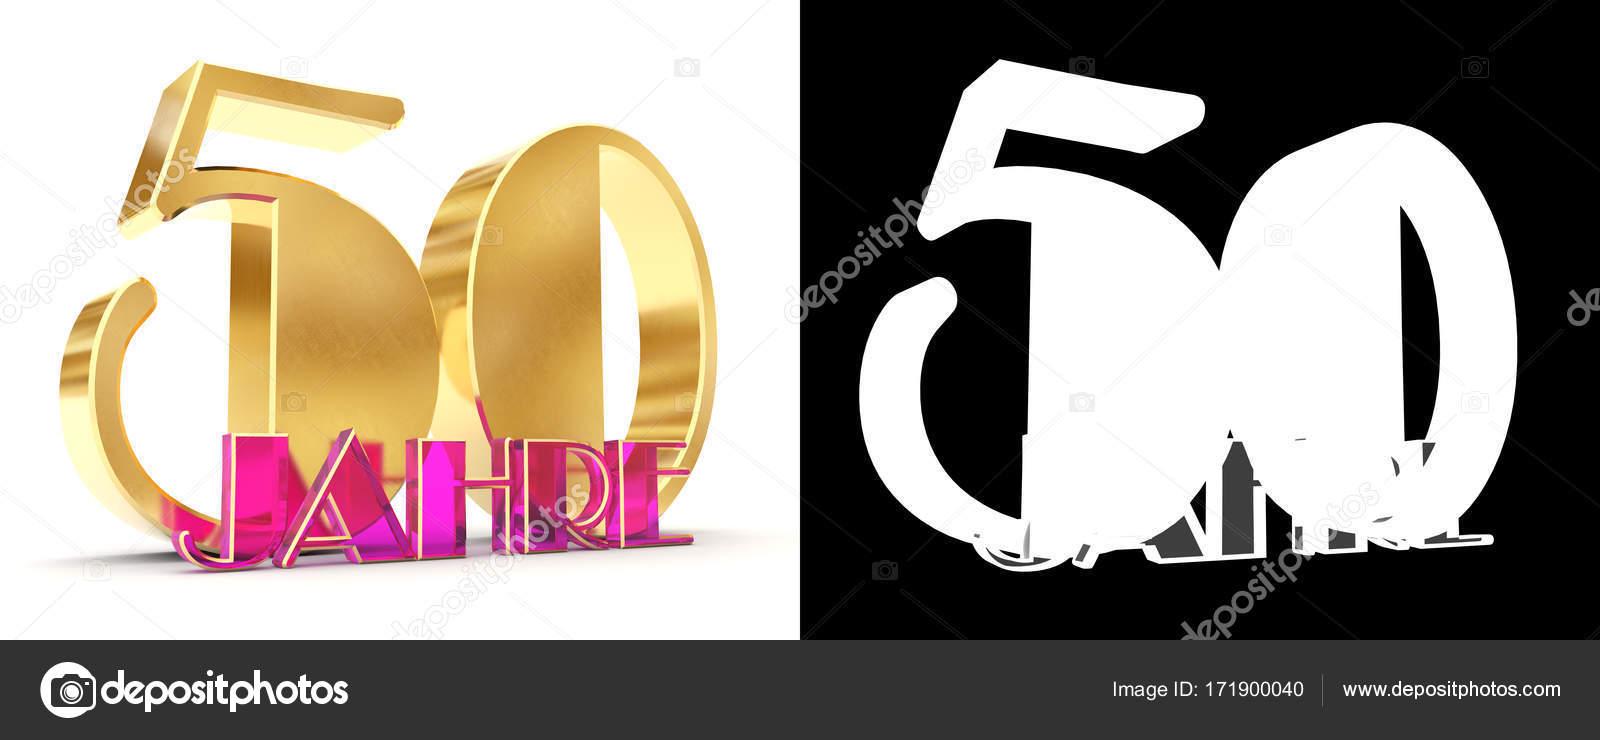 Top Nummer vijftig jaar (50 jaar) feest ontwerp. Verjaardag gouden @MU06